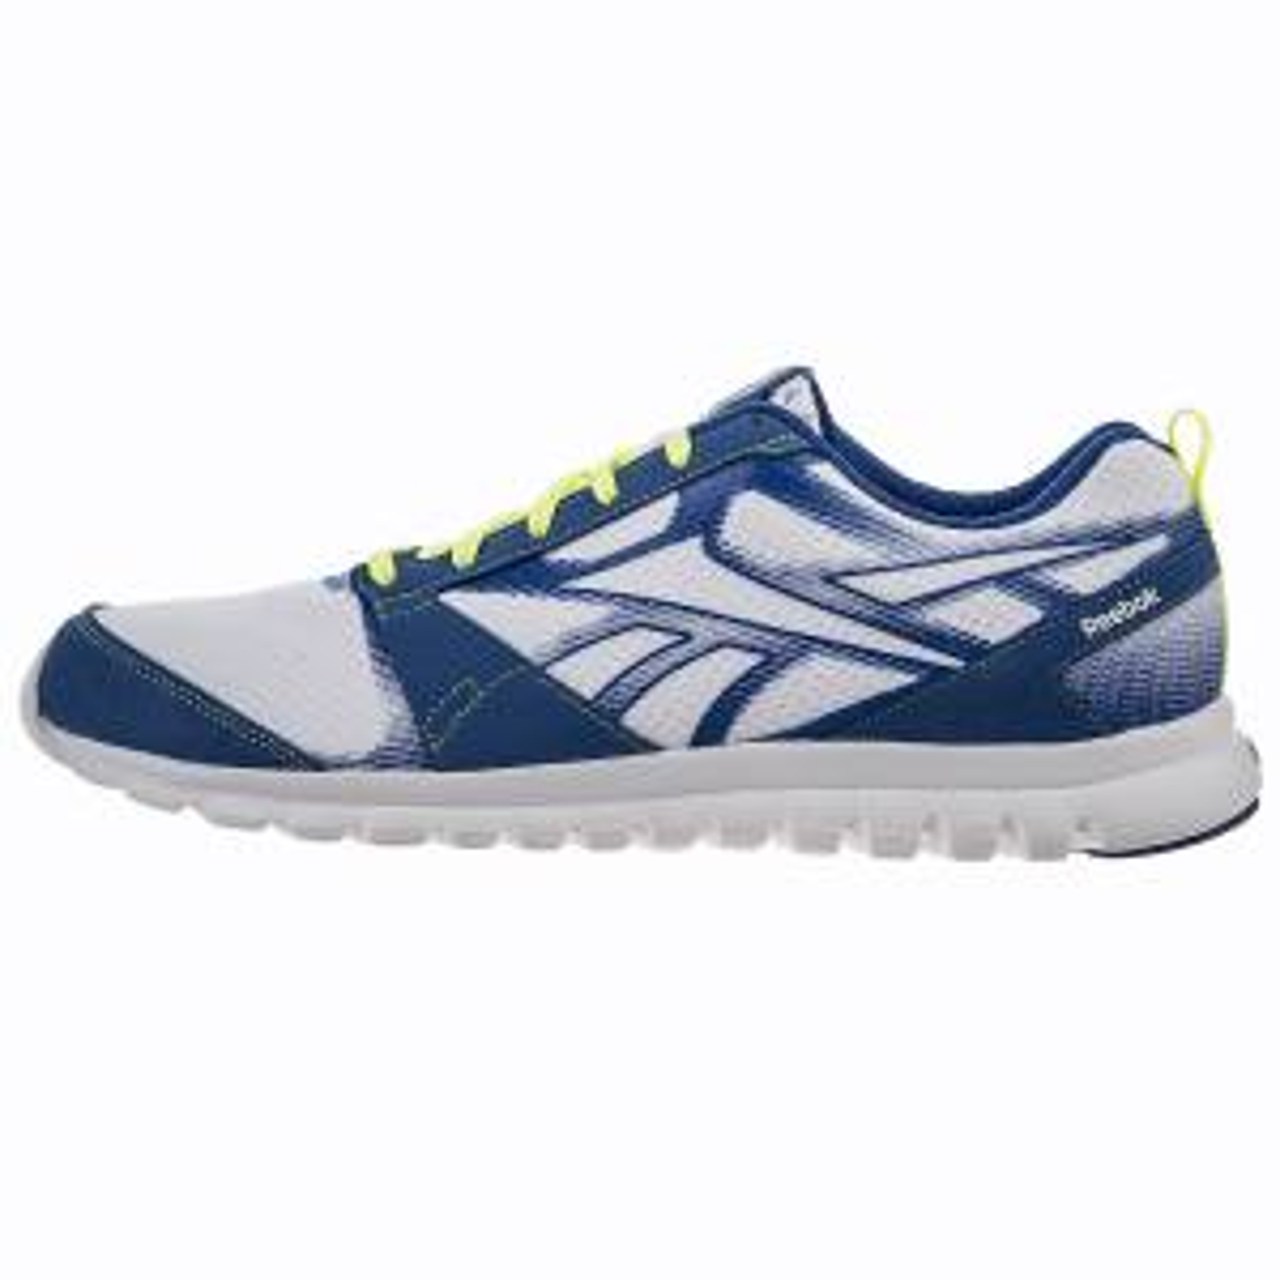 کفش مخصوص دویدن مردانه ریباک مدل Sublite Connect